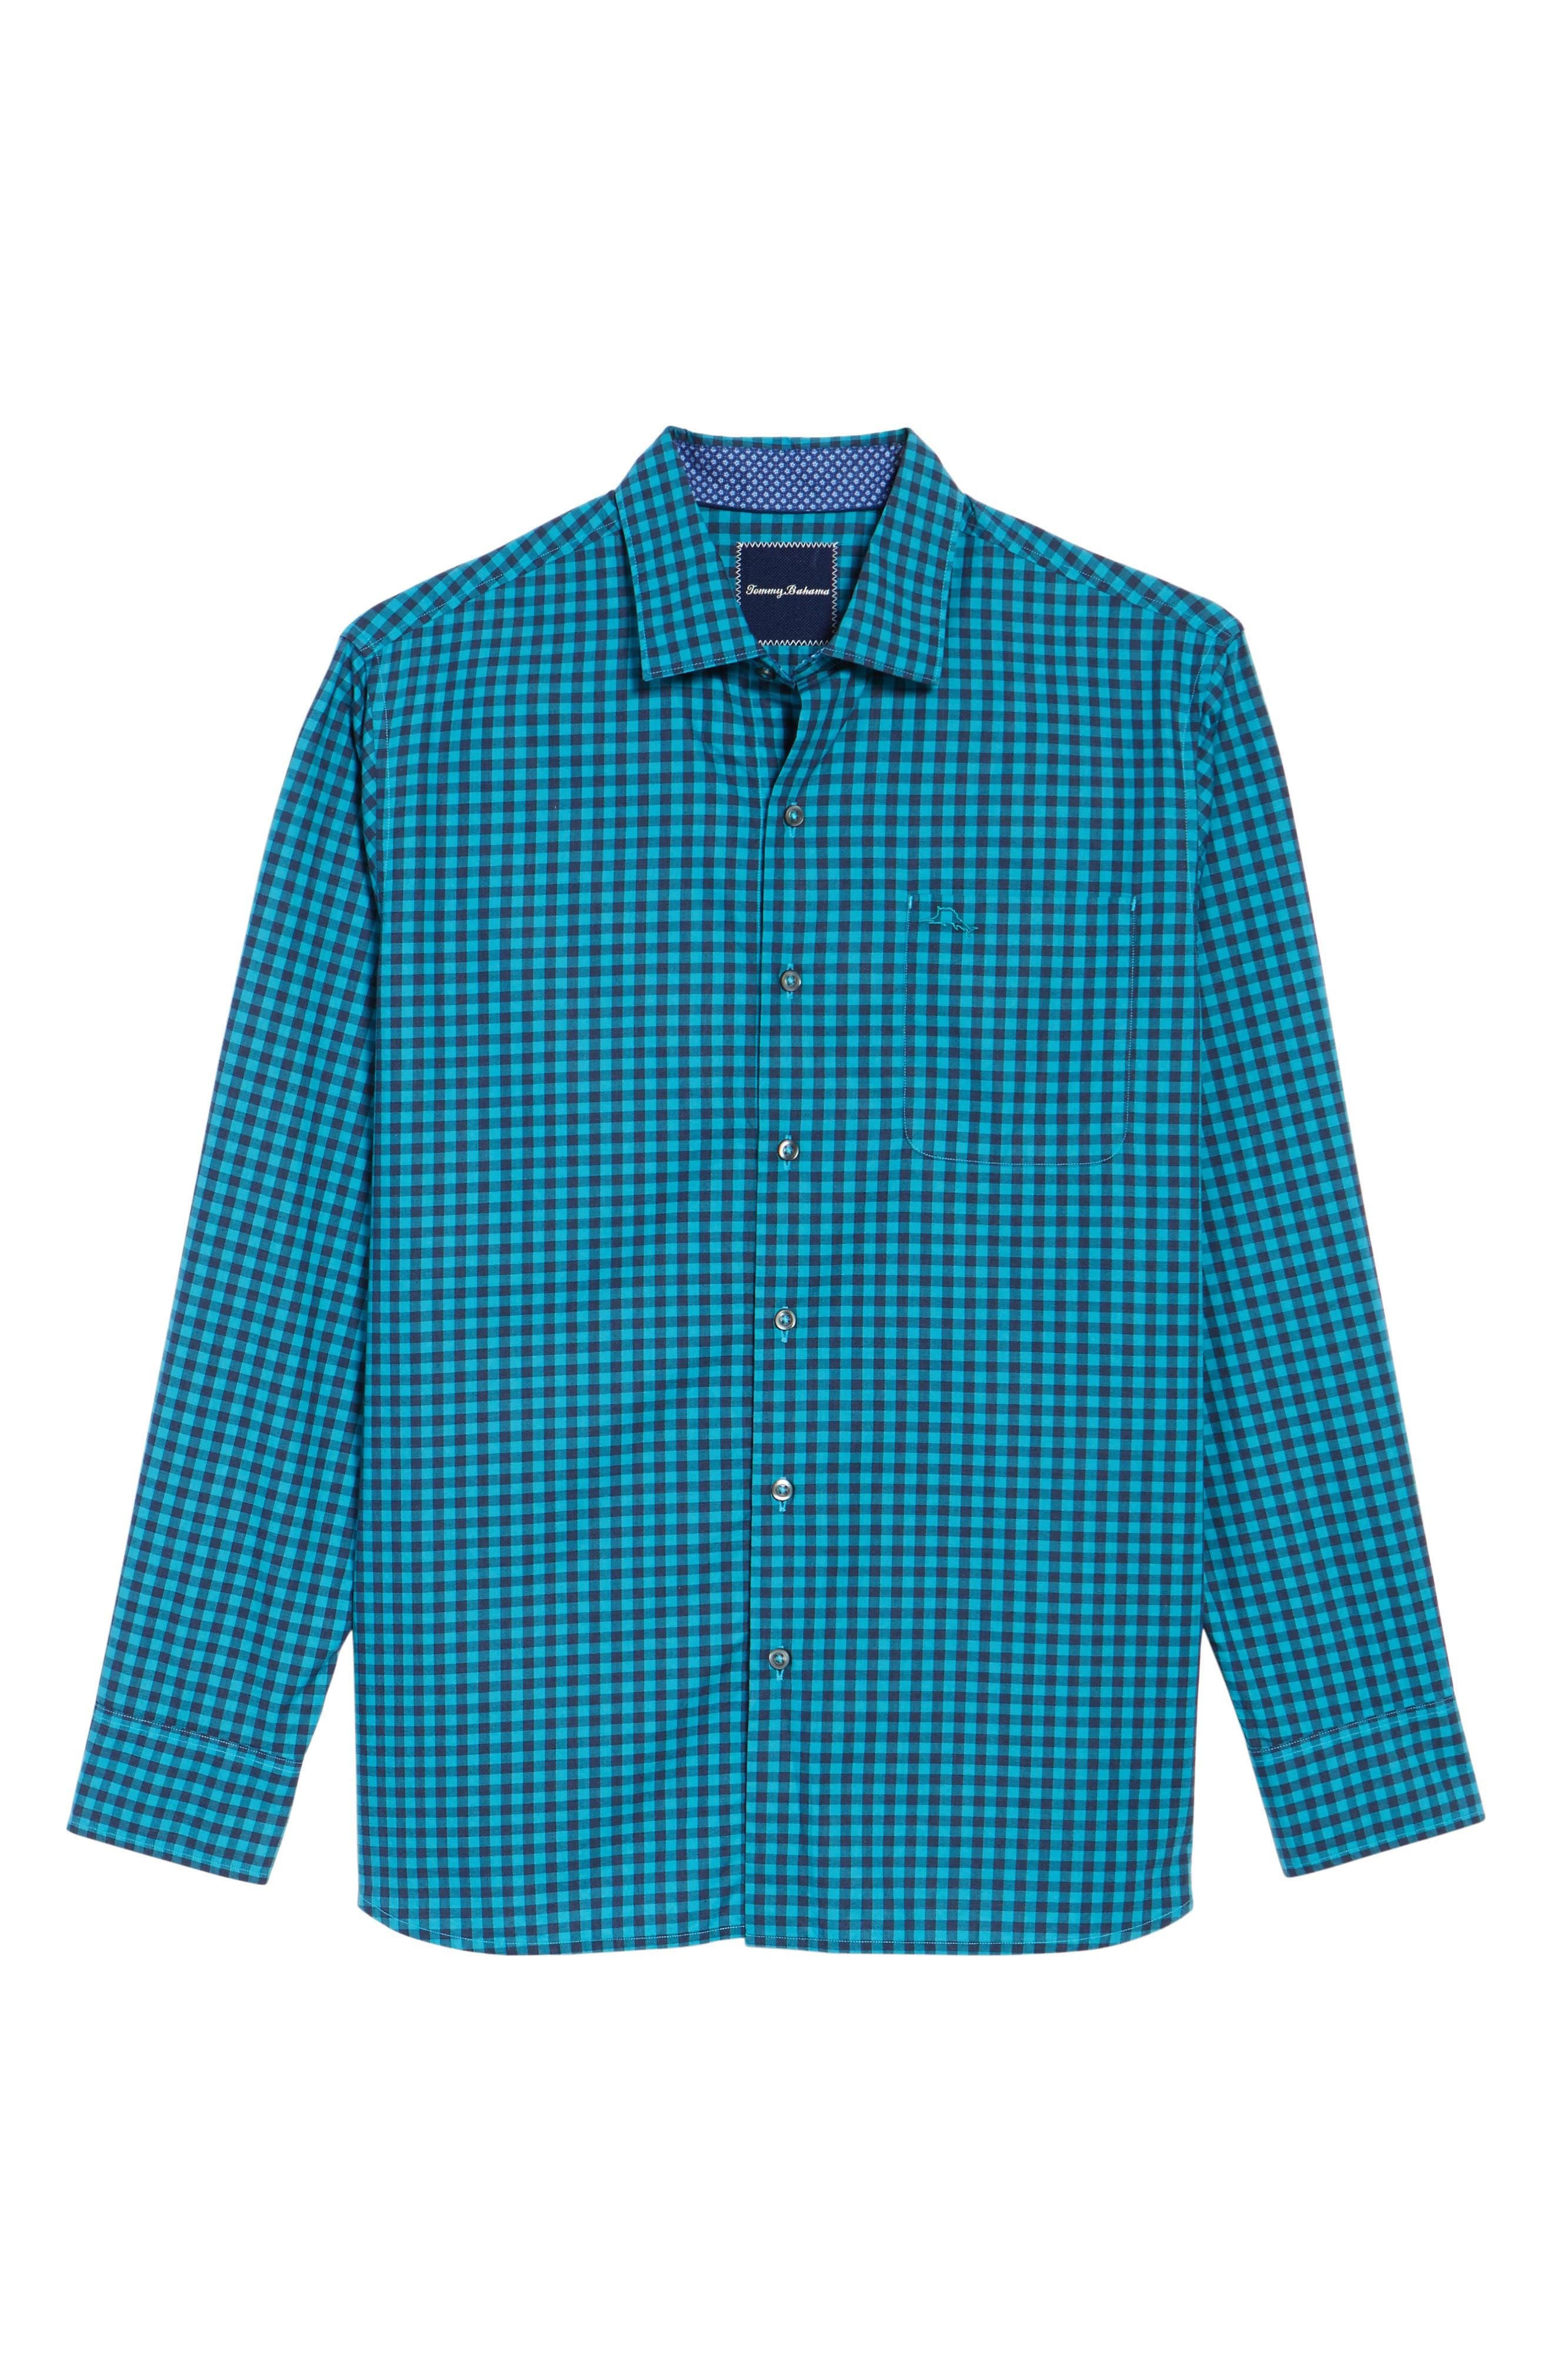 Mazagan Check Sport Shirt,                             Alternate thumbnail 6, color,                             401